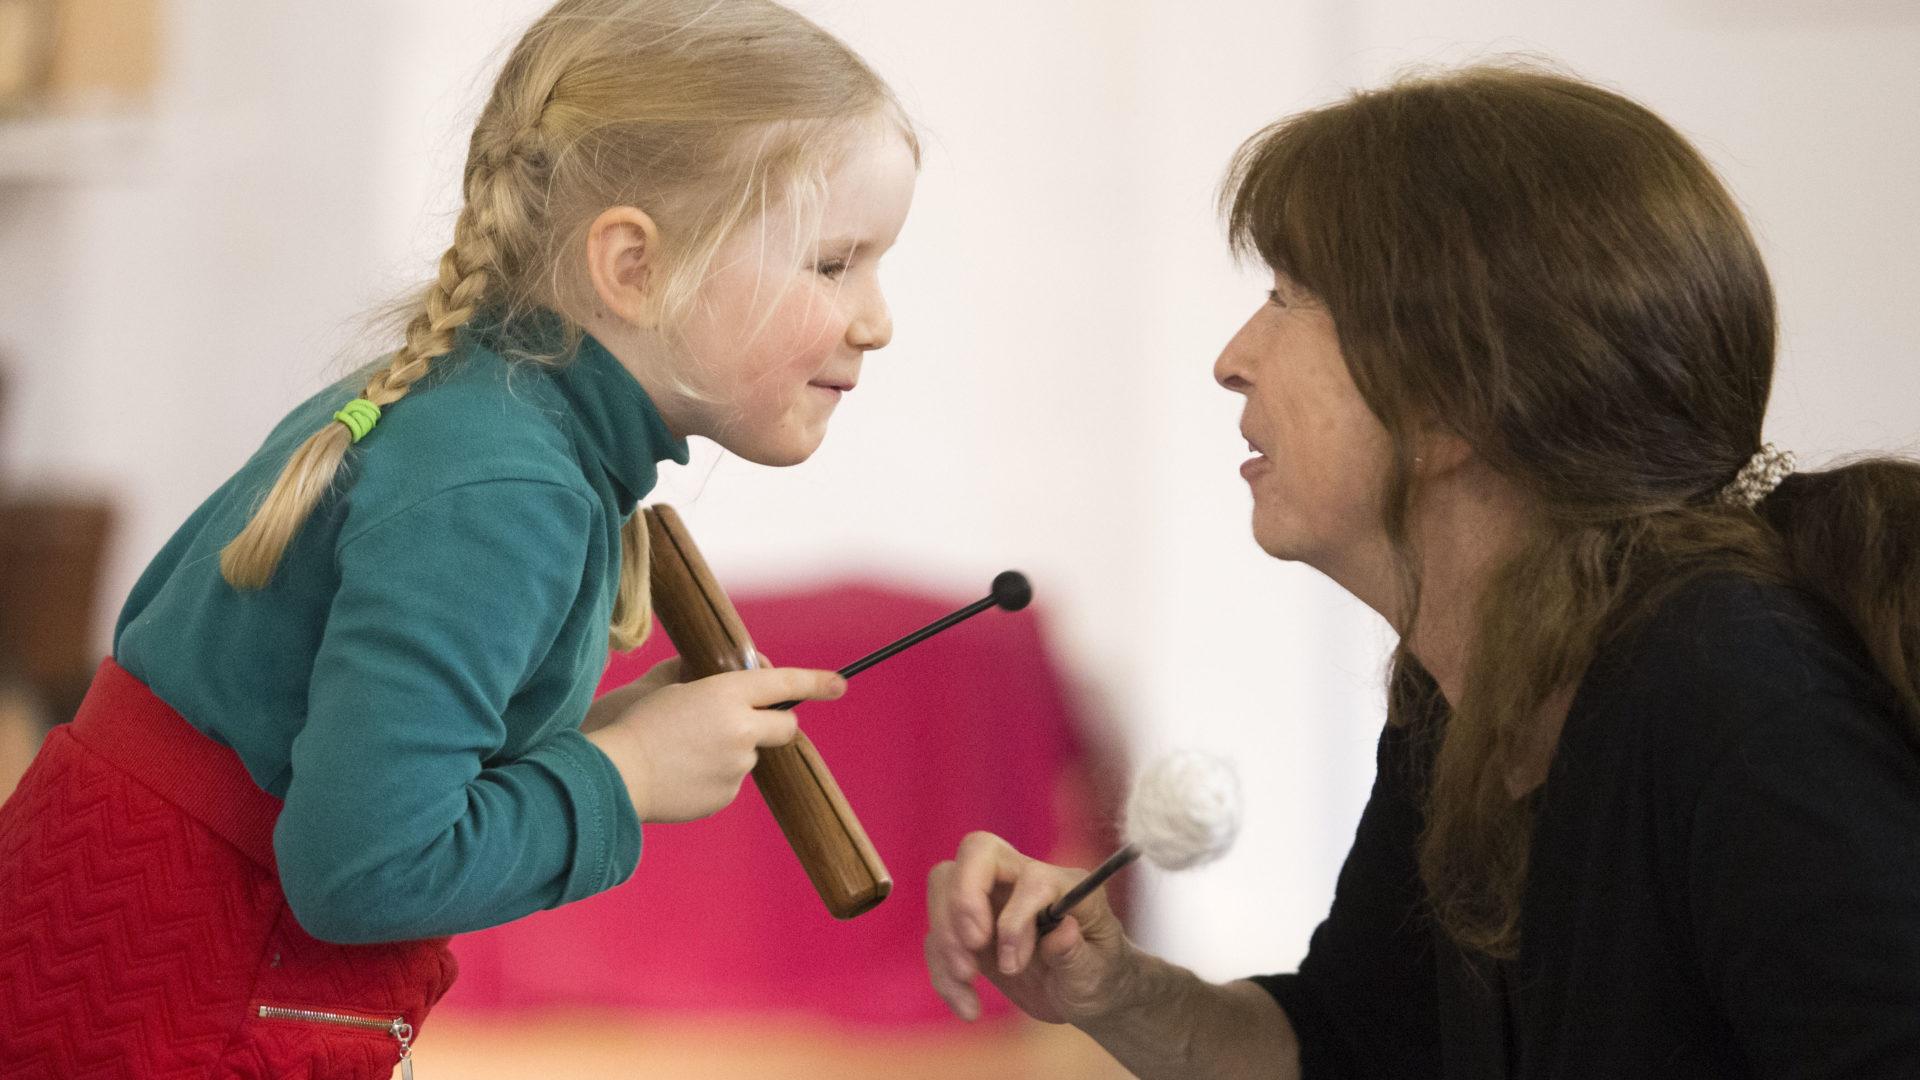 Søk om opptak til videreutdanning i musikkdidaktikk rettet mot barn 0-8 år!